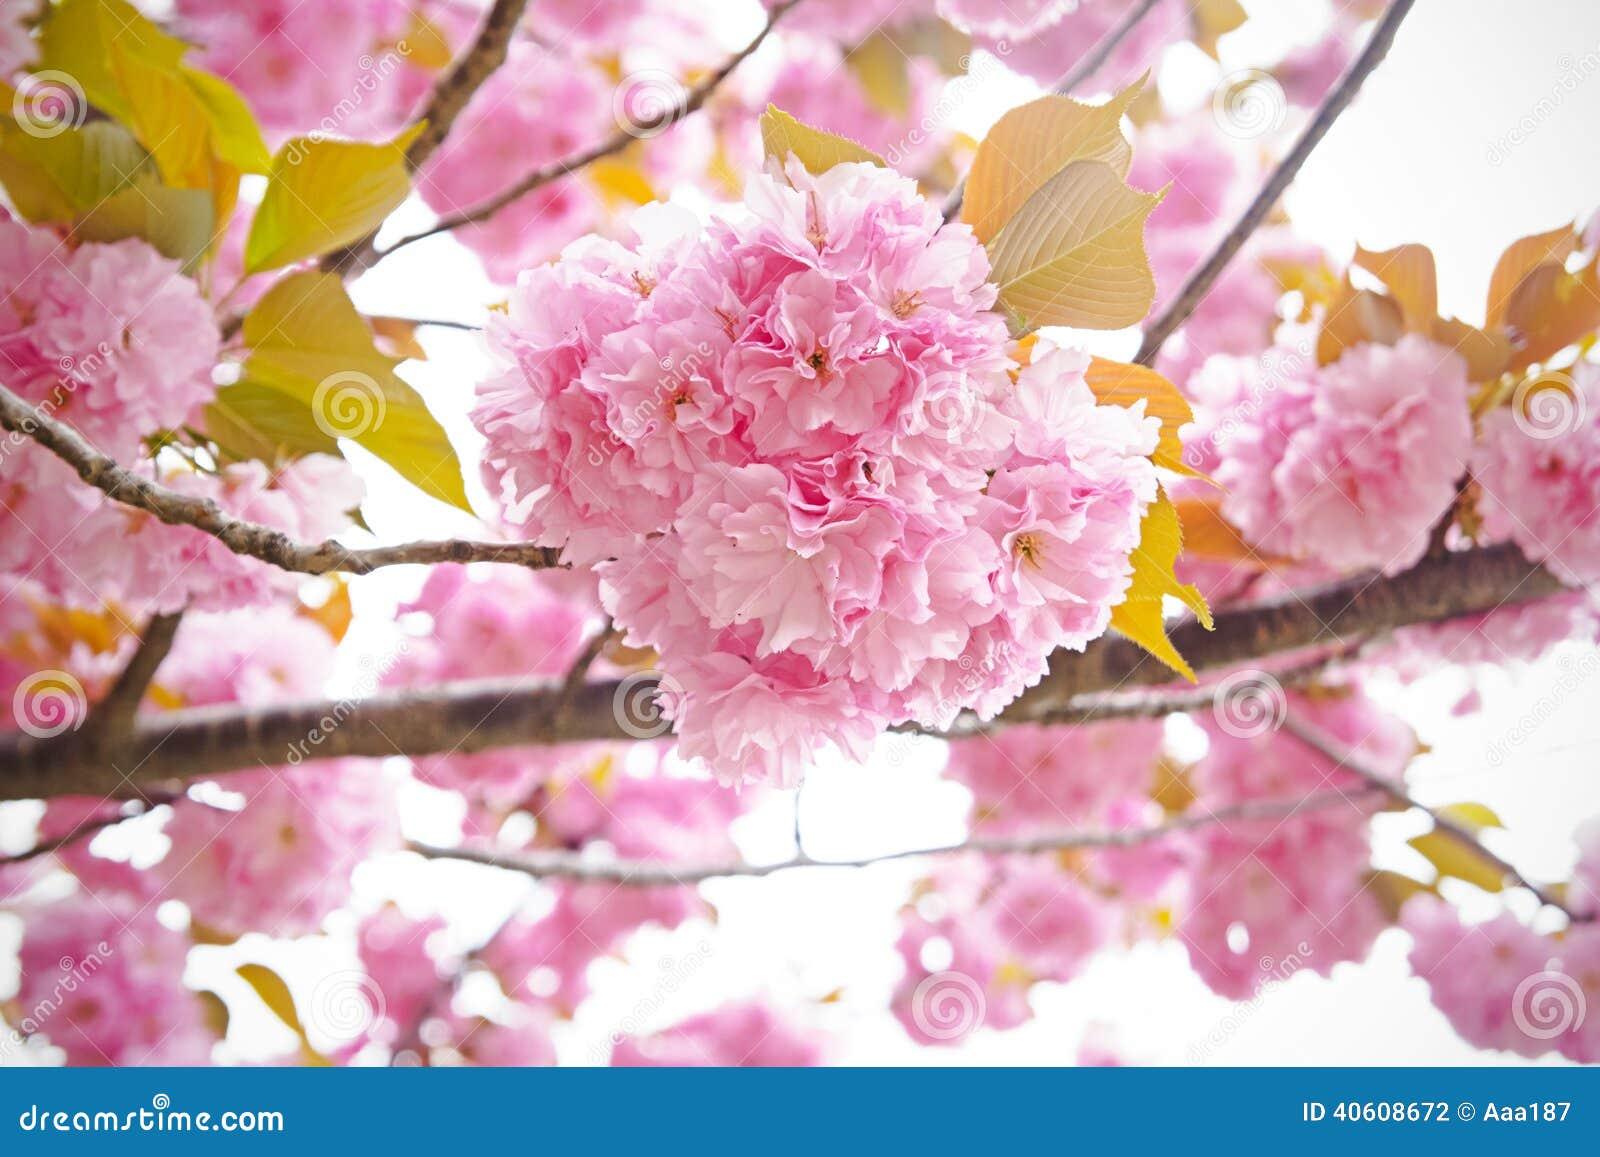 Fleurs de cerisier, Sakura